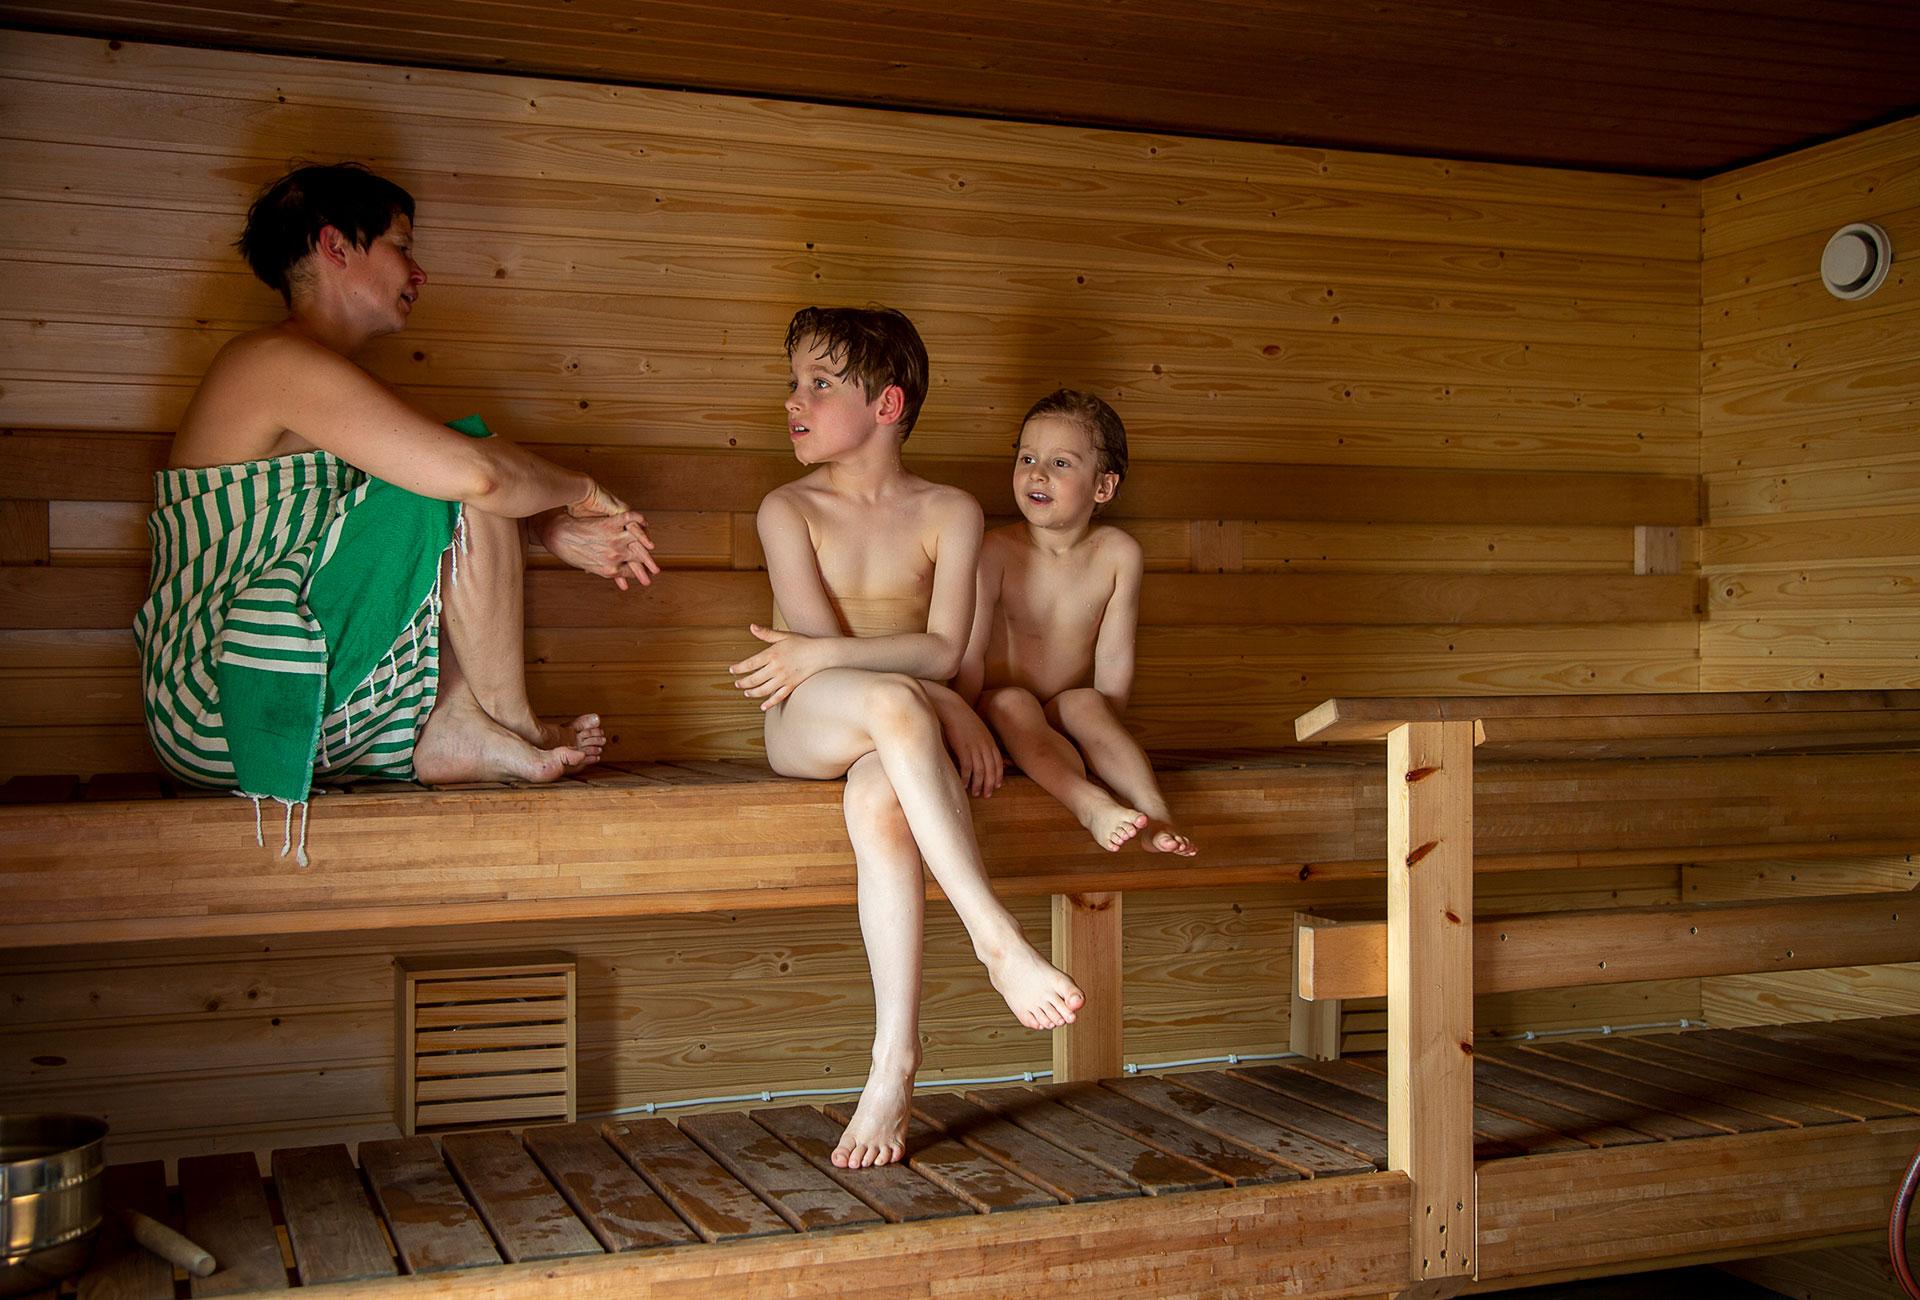 Pihlajasaaren_sauna_2019_kuva_Maarit_Hohteri_36_1920px